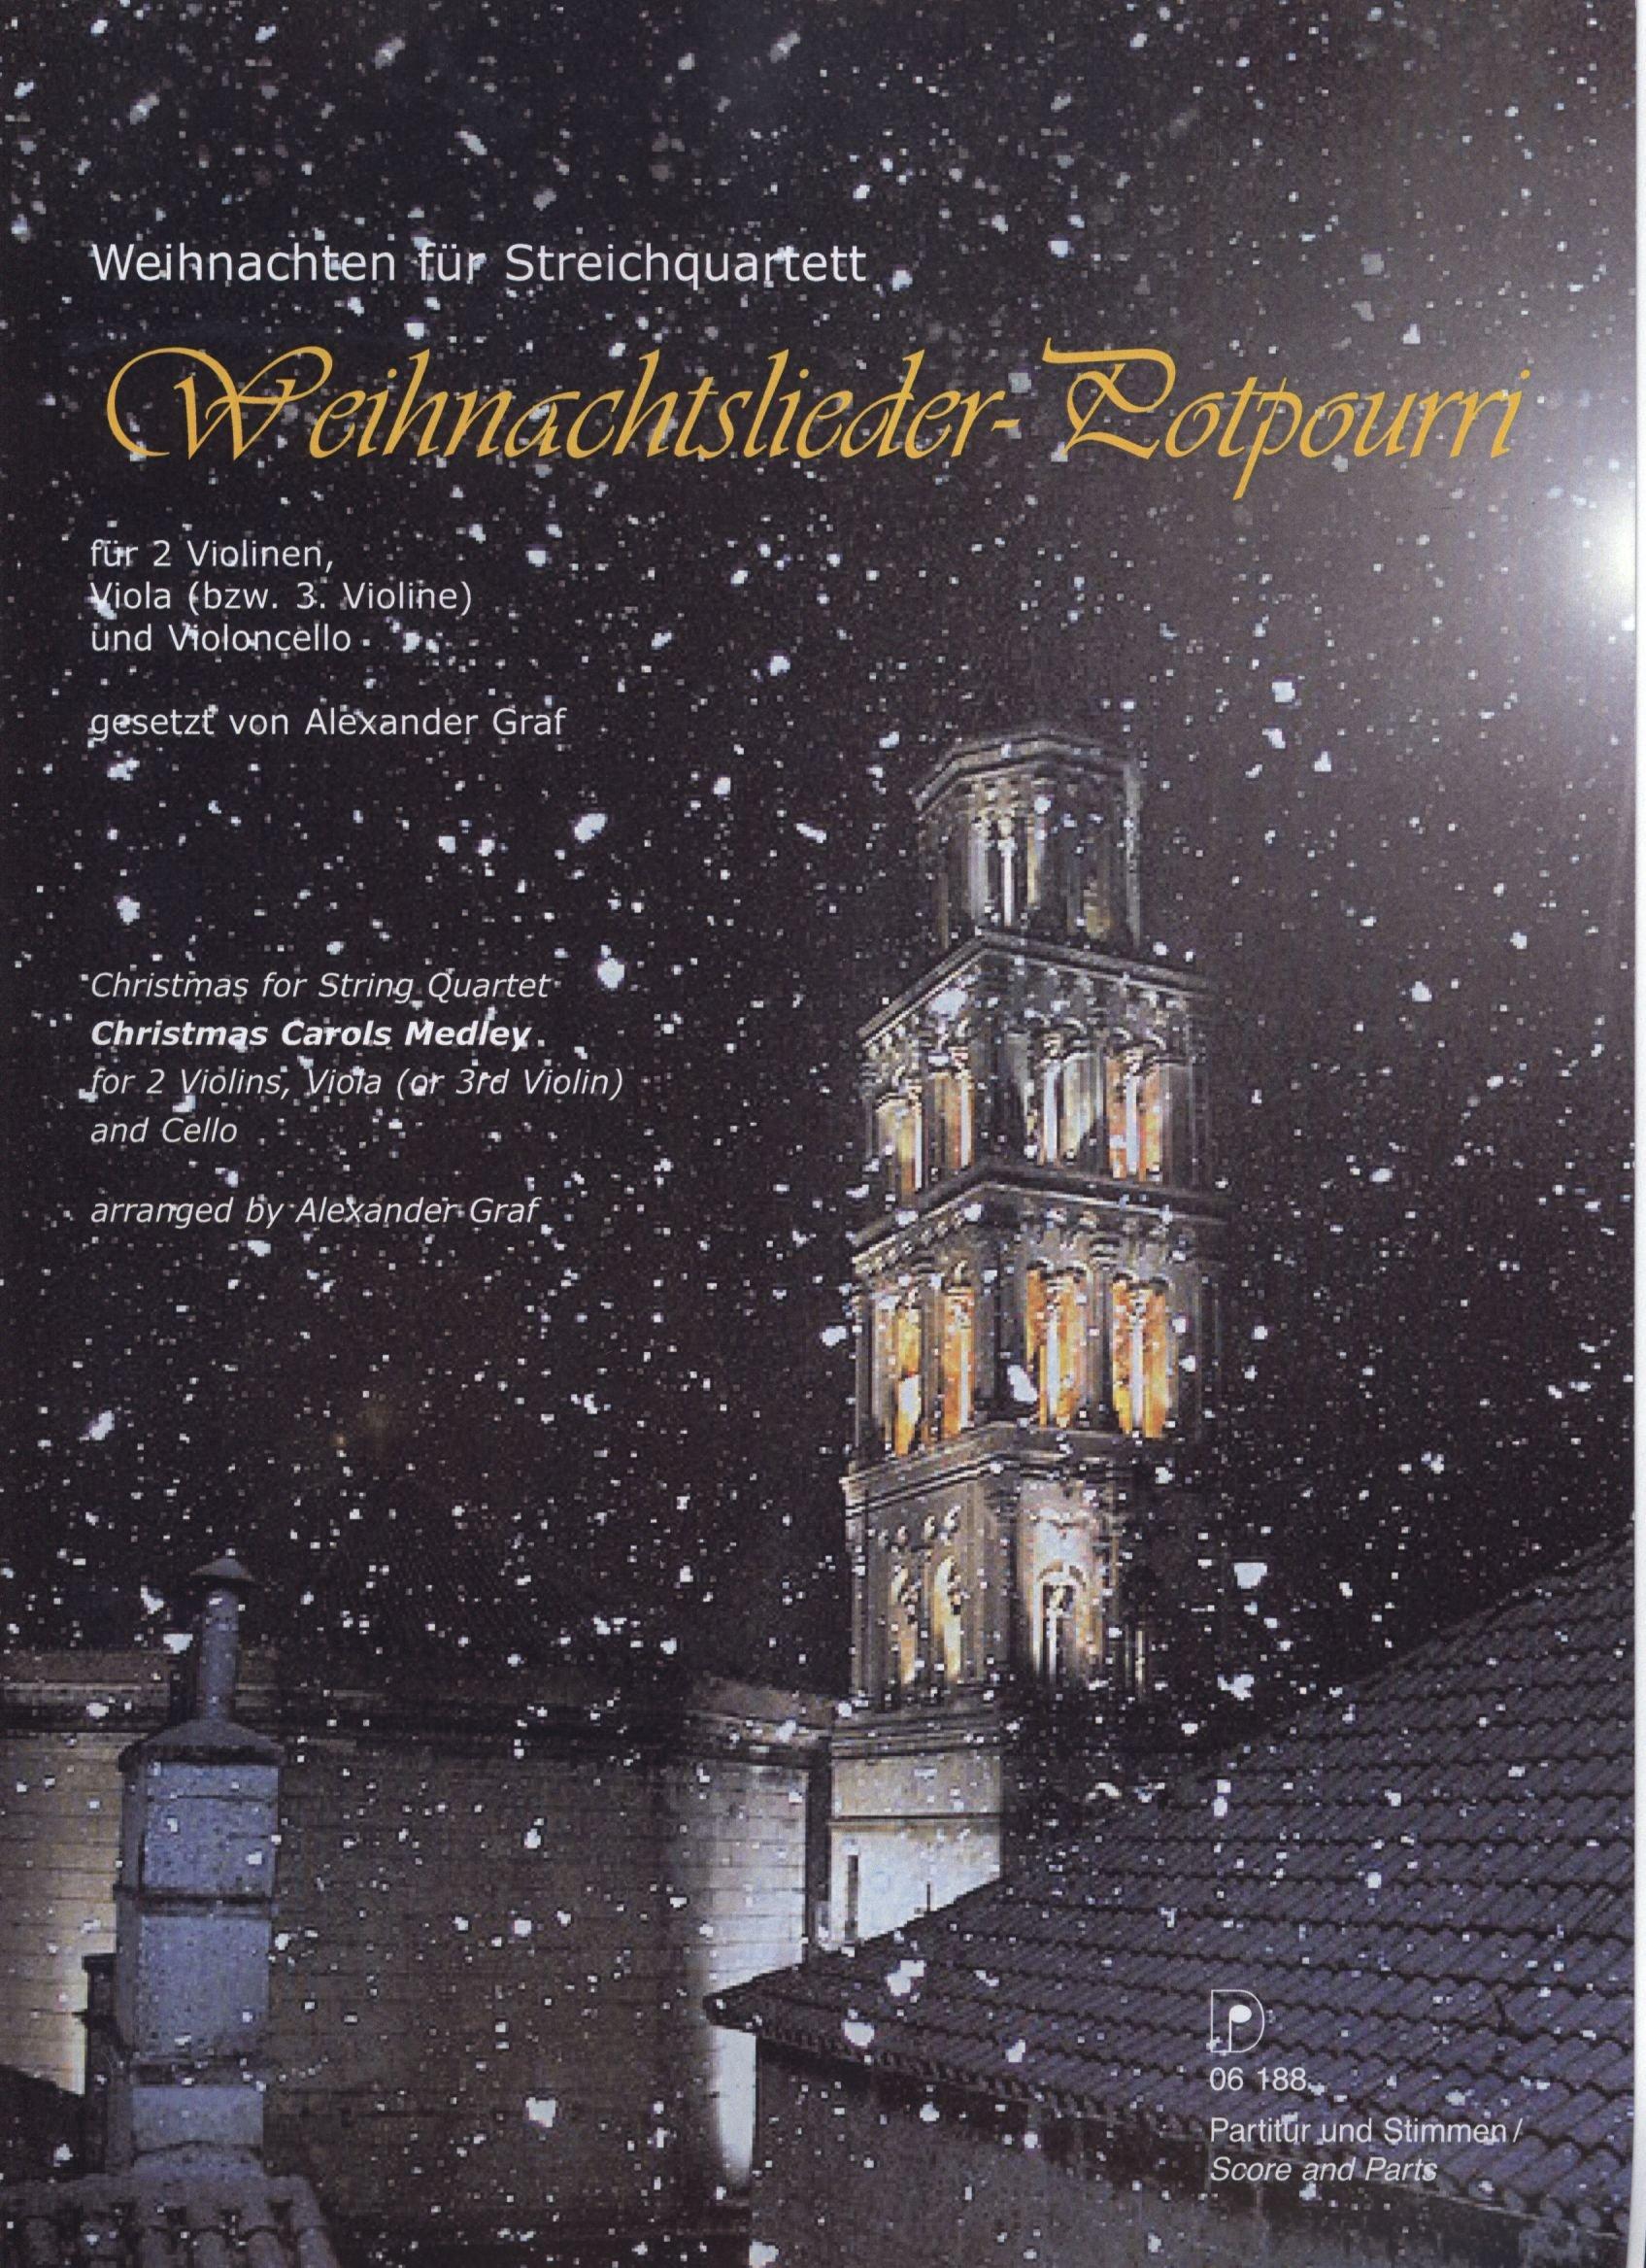 Weihnachtslieder-Potpourri, Weihnachten für Streichquartett ...